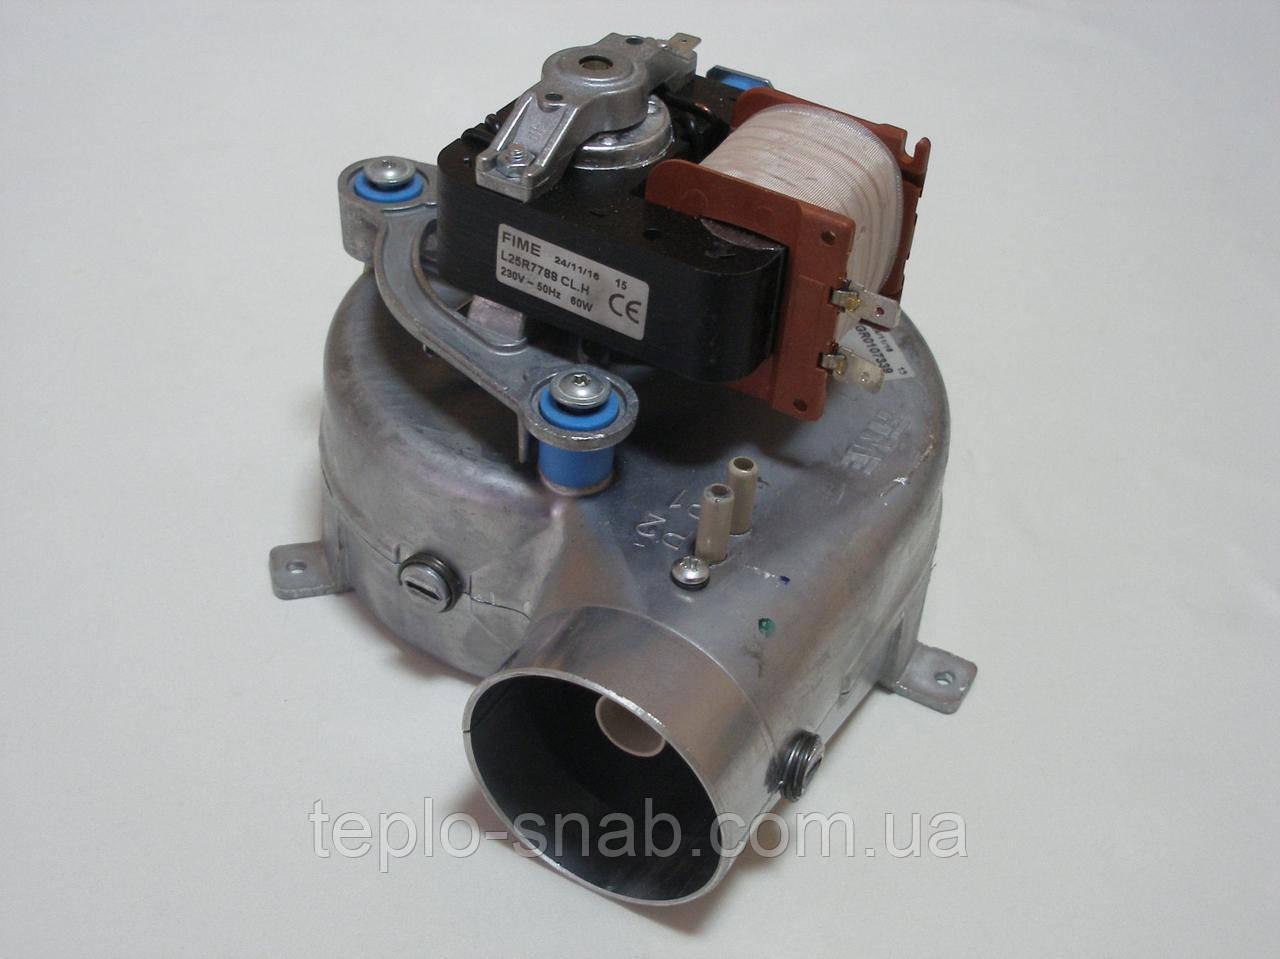 Вентилятор (турбіна) димовидалення Viessmann Vitopend 100 WH1B (24 Kw), WH1D (24 Kw), WH0A (24 Kw). 7829879